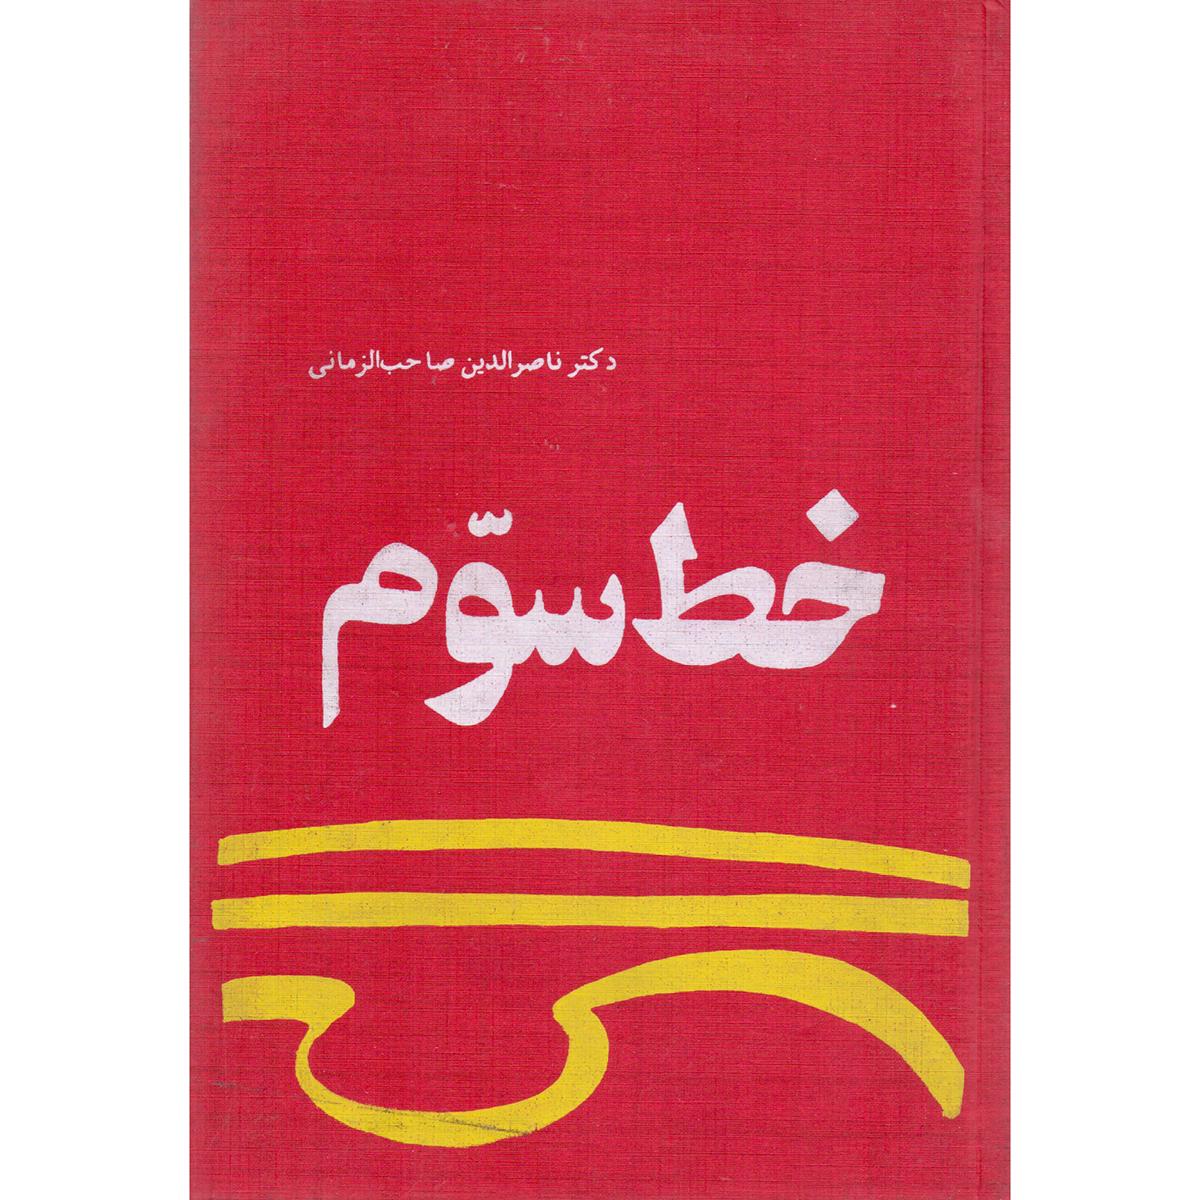 کتاب خط سوم اثر ناصرالدین صاحب الزمانی انتشارات عطایی